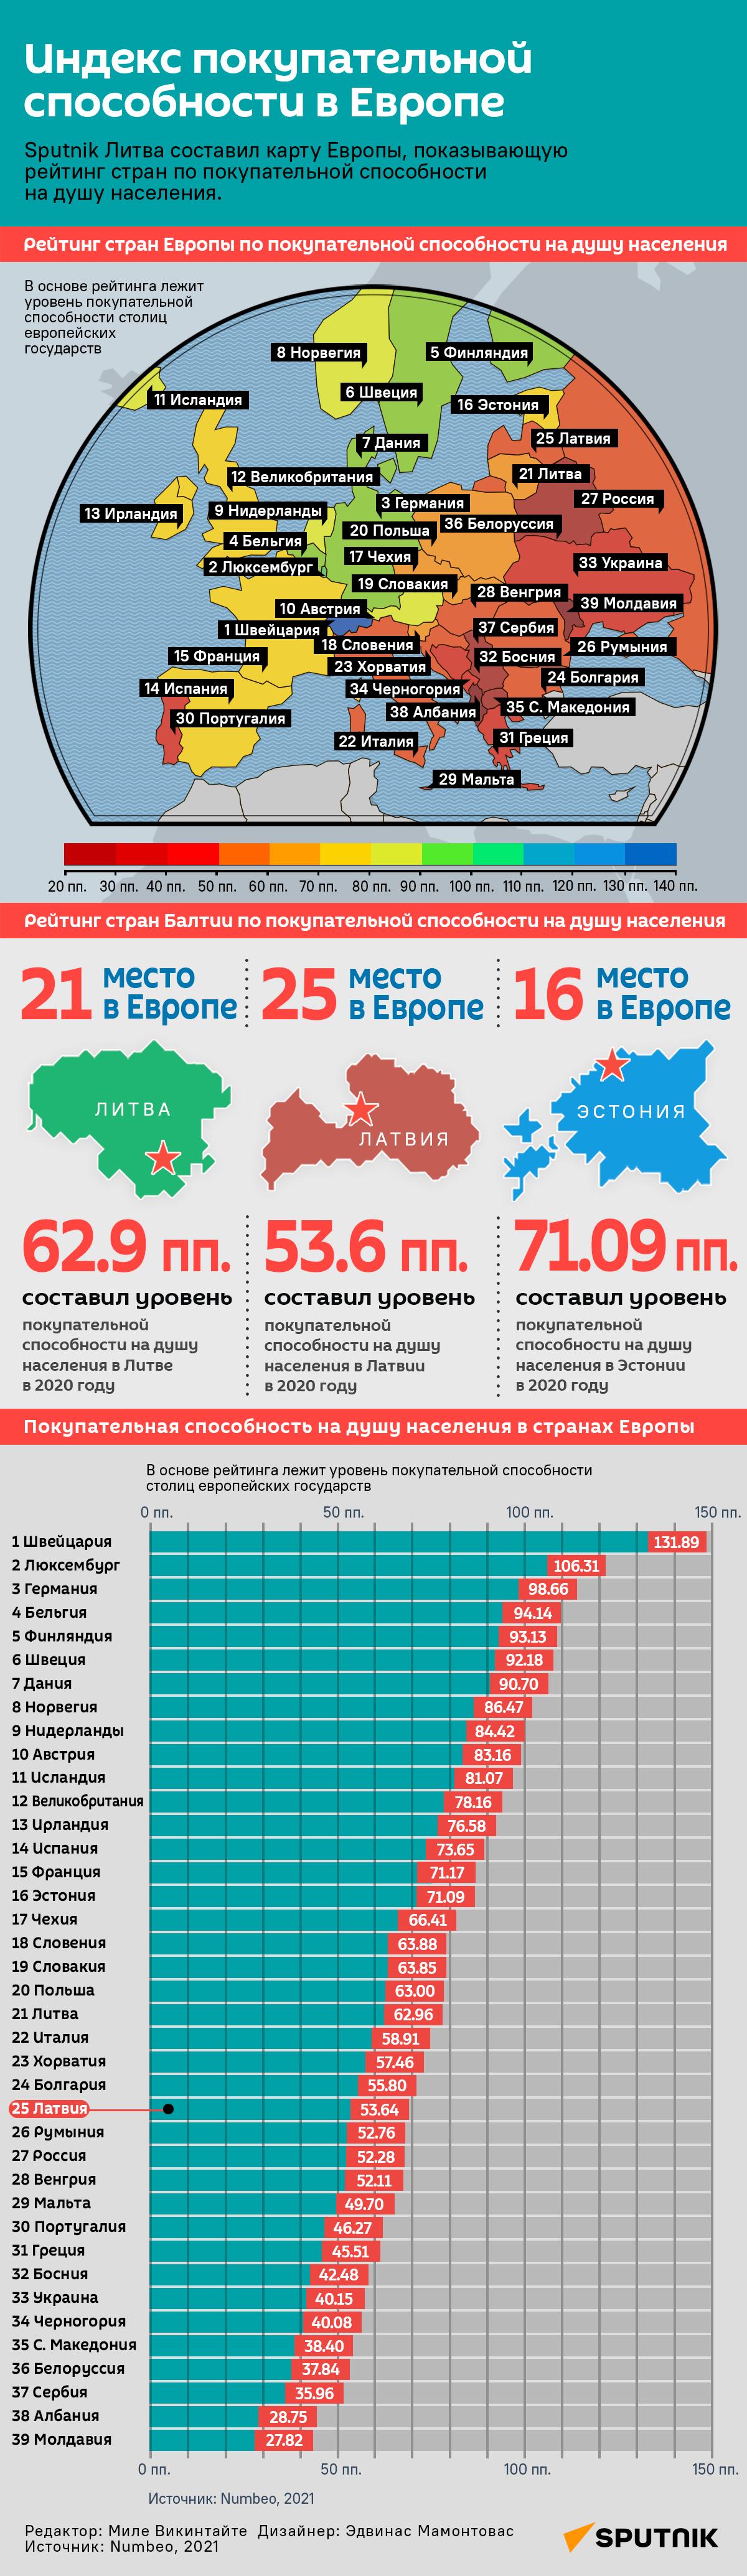 Индекс покупательной способности в Европе - Sputnik Латвия